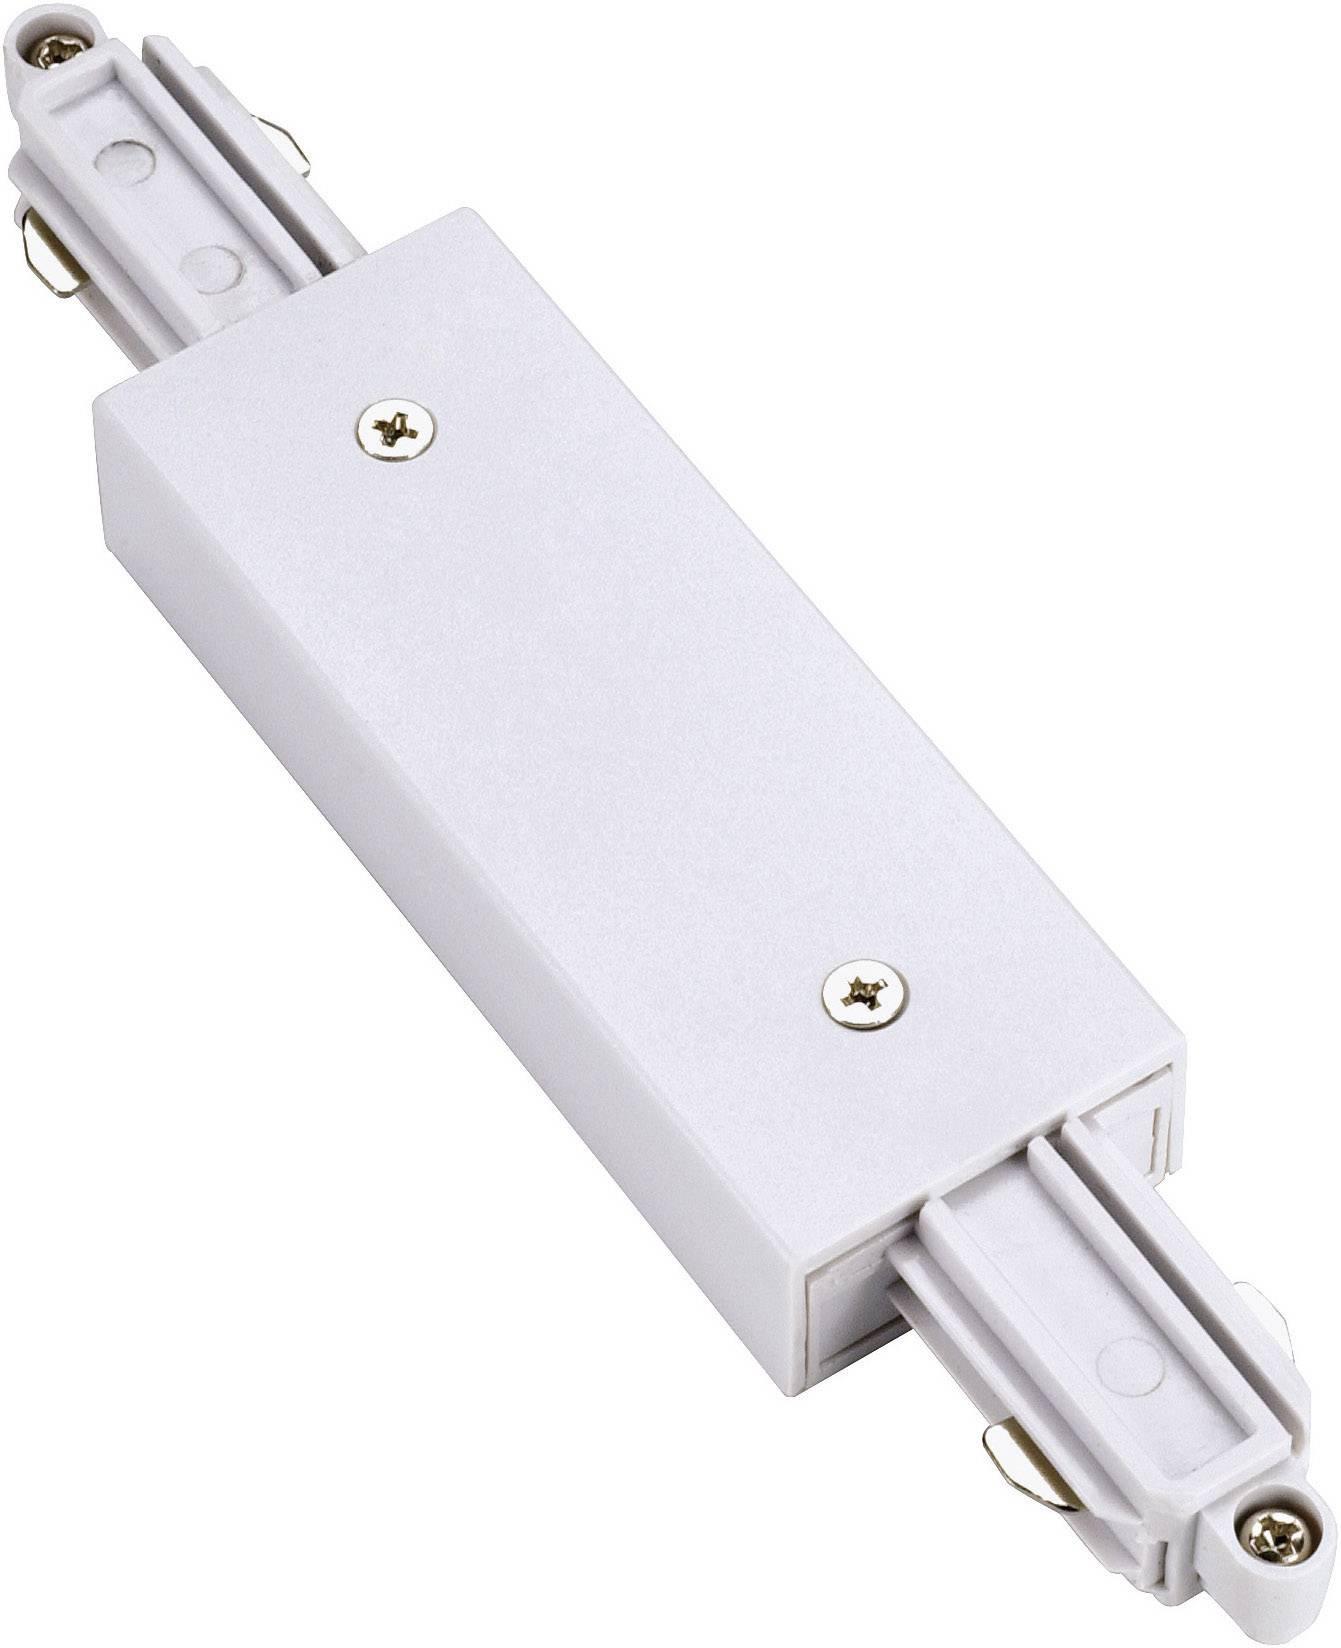 Pozdĺžna spojka pre 1-fázový HV koľajnicový systém 143101, biela